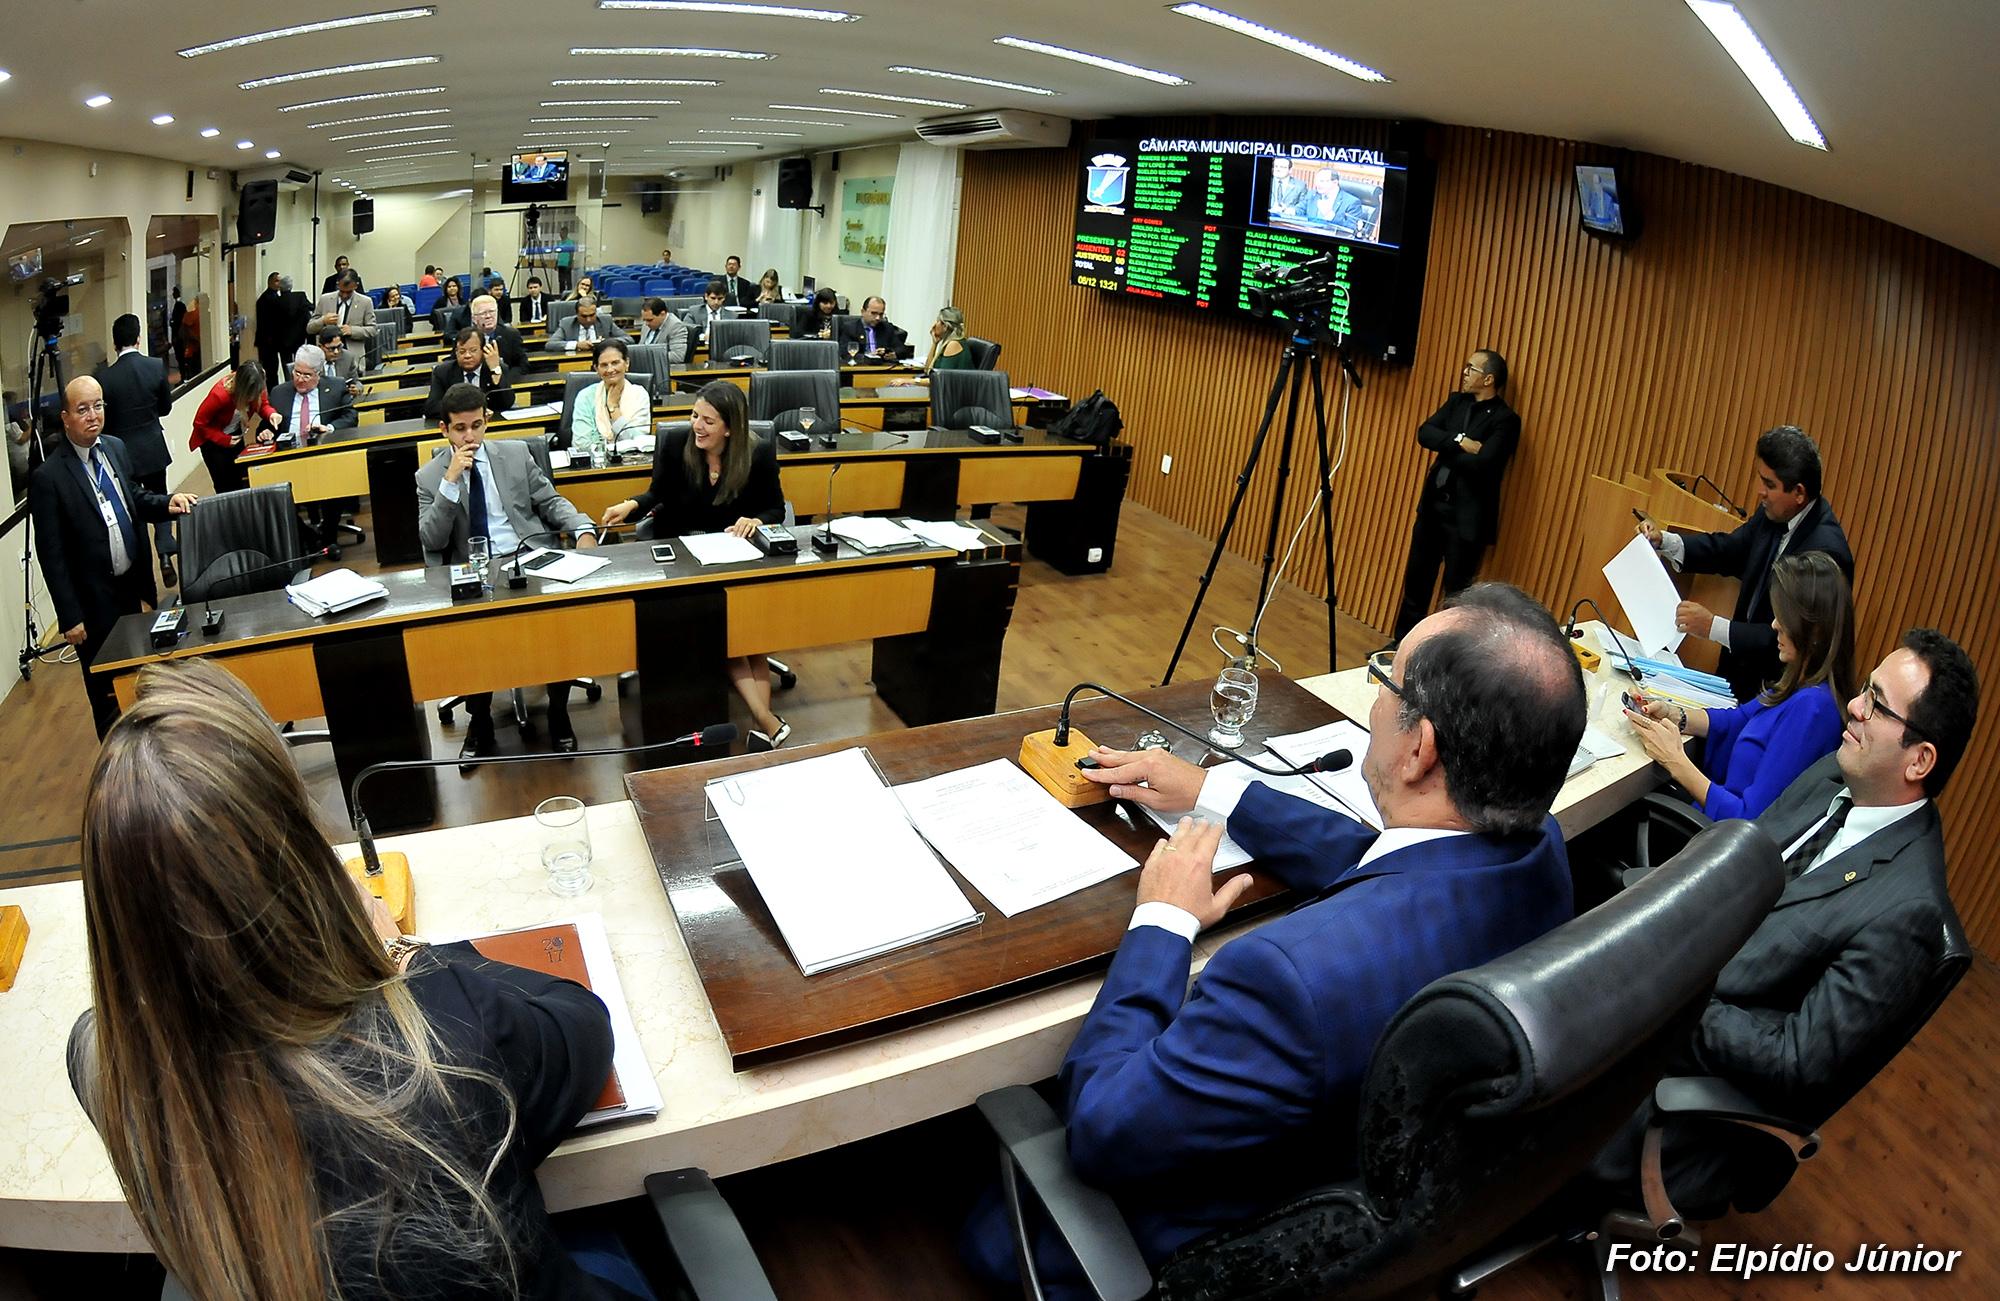 CMN aprova orçamento de R$ 2,7 bilhões para Natal em 2018